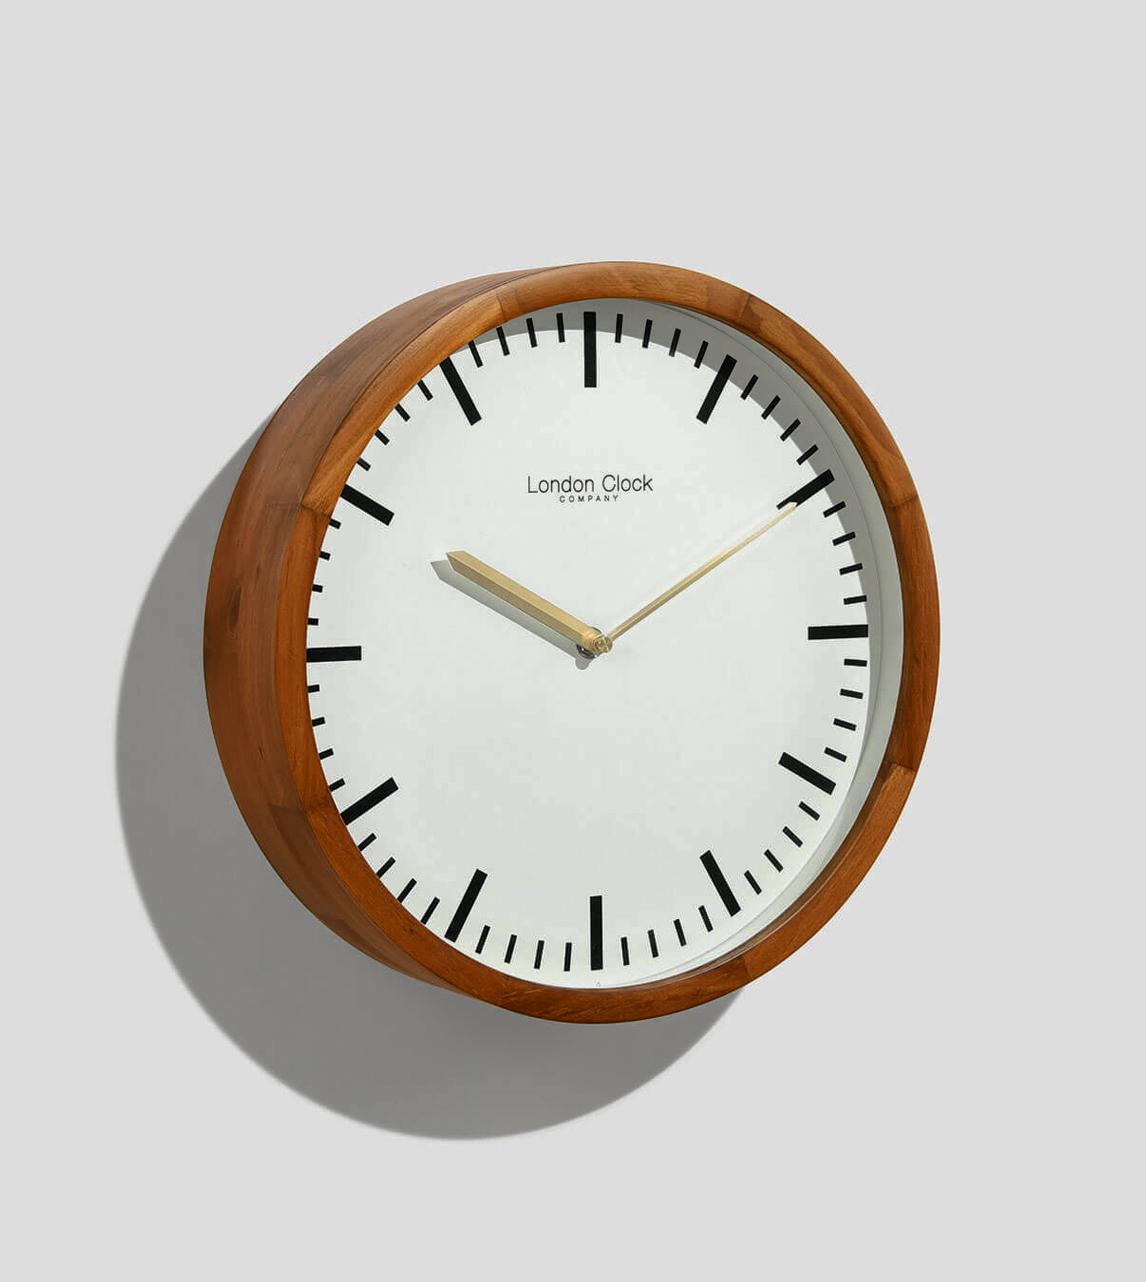 London Clock Walnut Walnut Brown London Clock Company Swoon